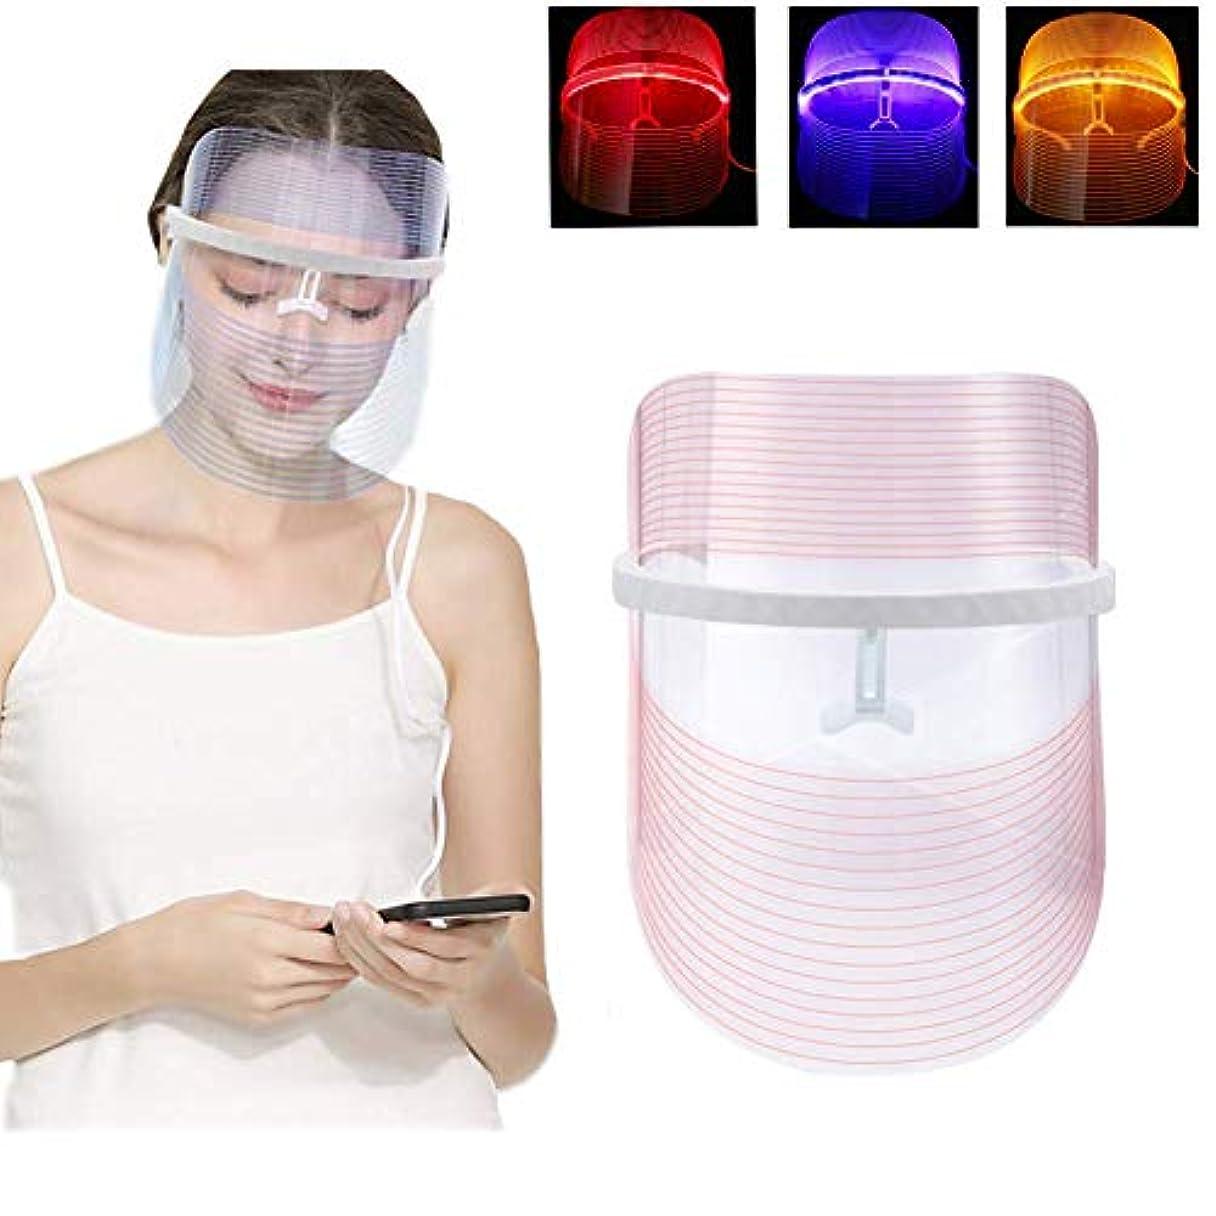 吸収エゴマニア不明瞭3色LEDライト療法のフェイスマスクの美の器械の顔の鉱泉の処置装置の反アクネのしわの取り外し